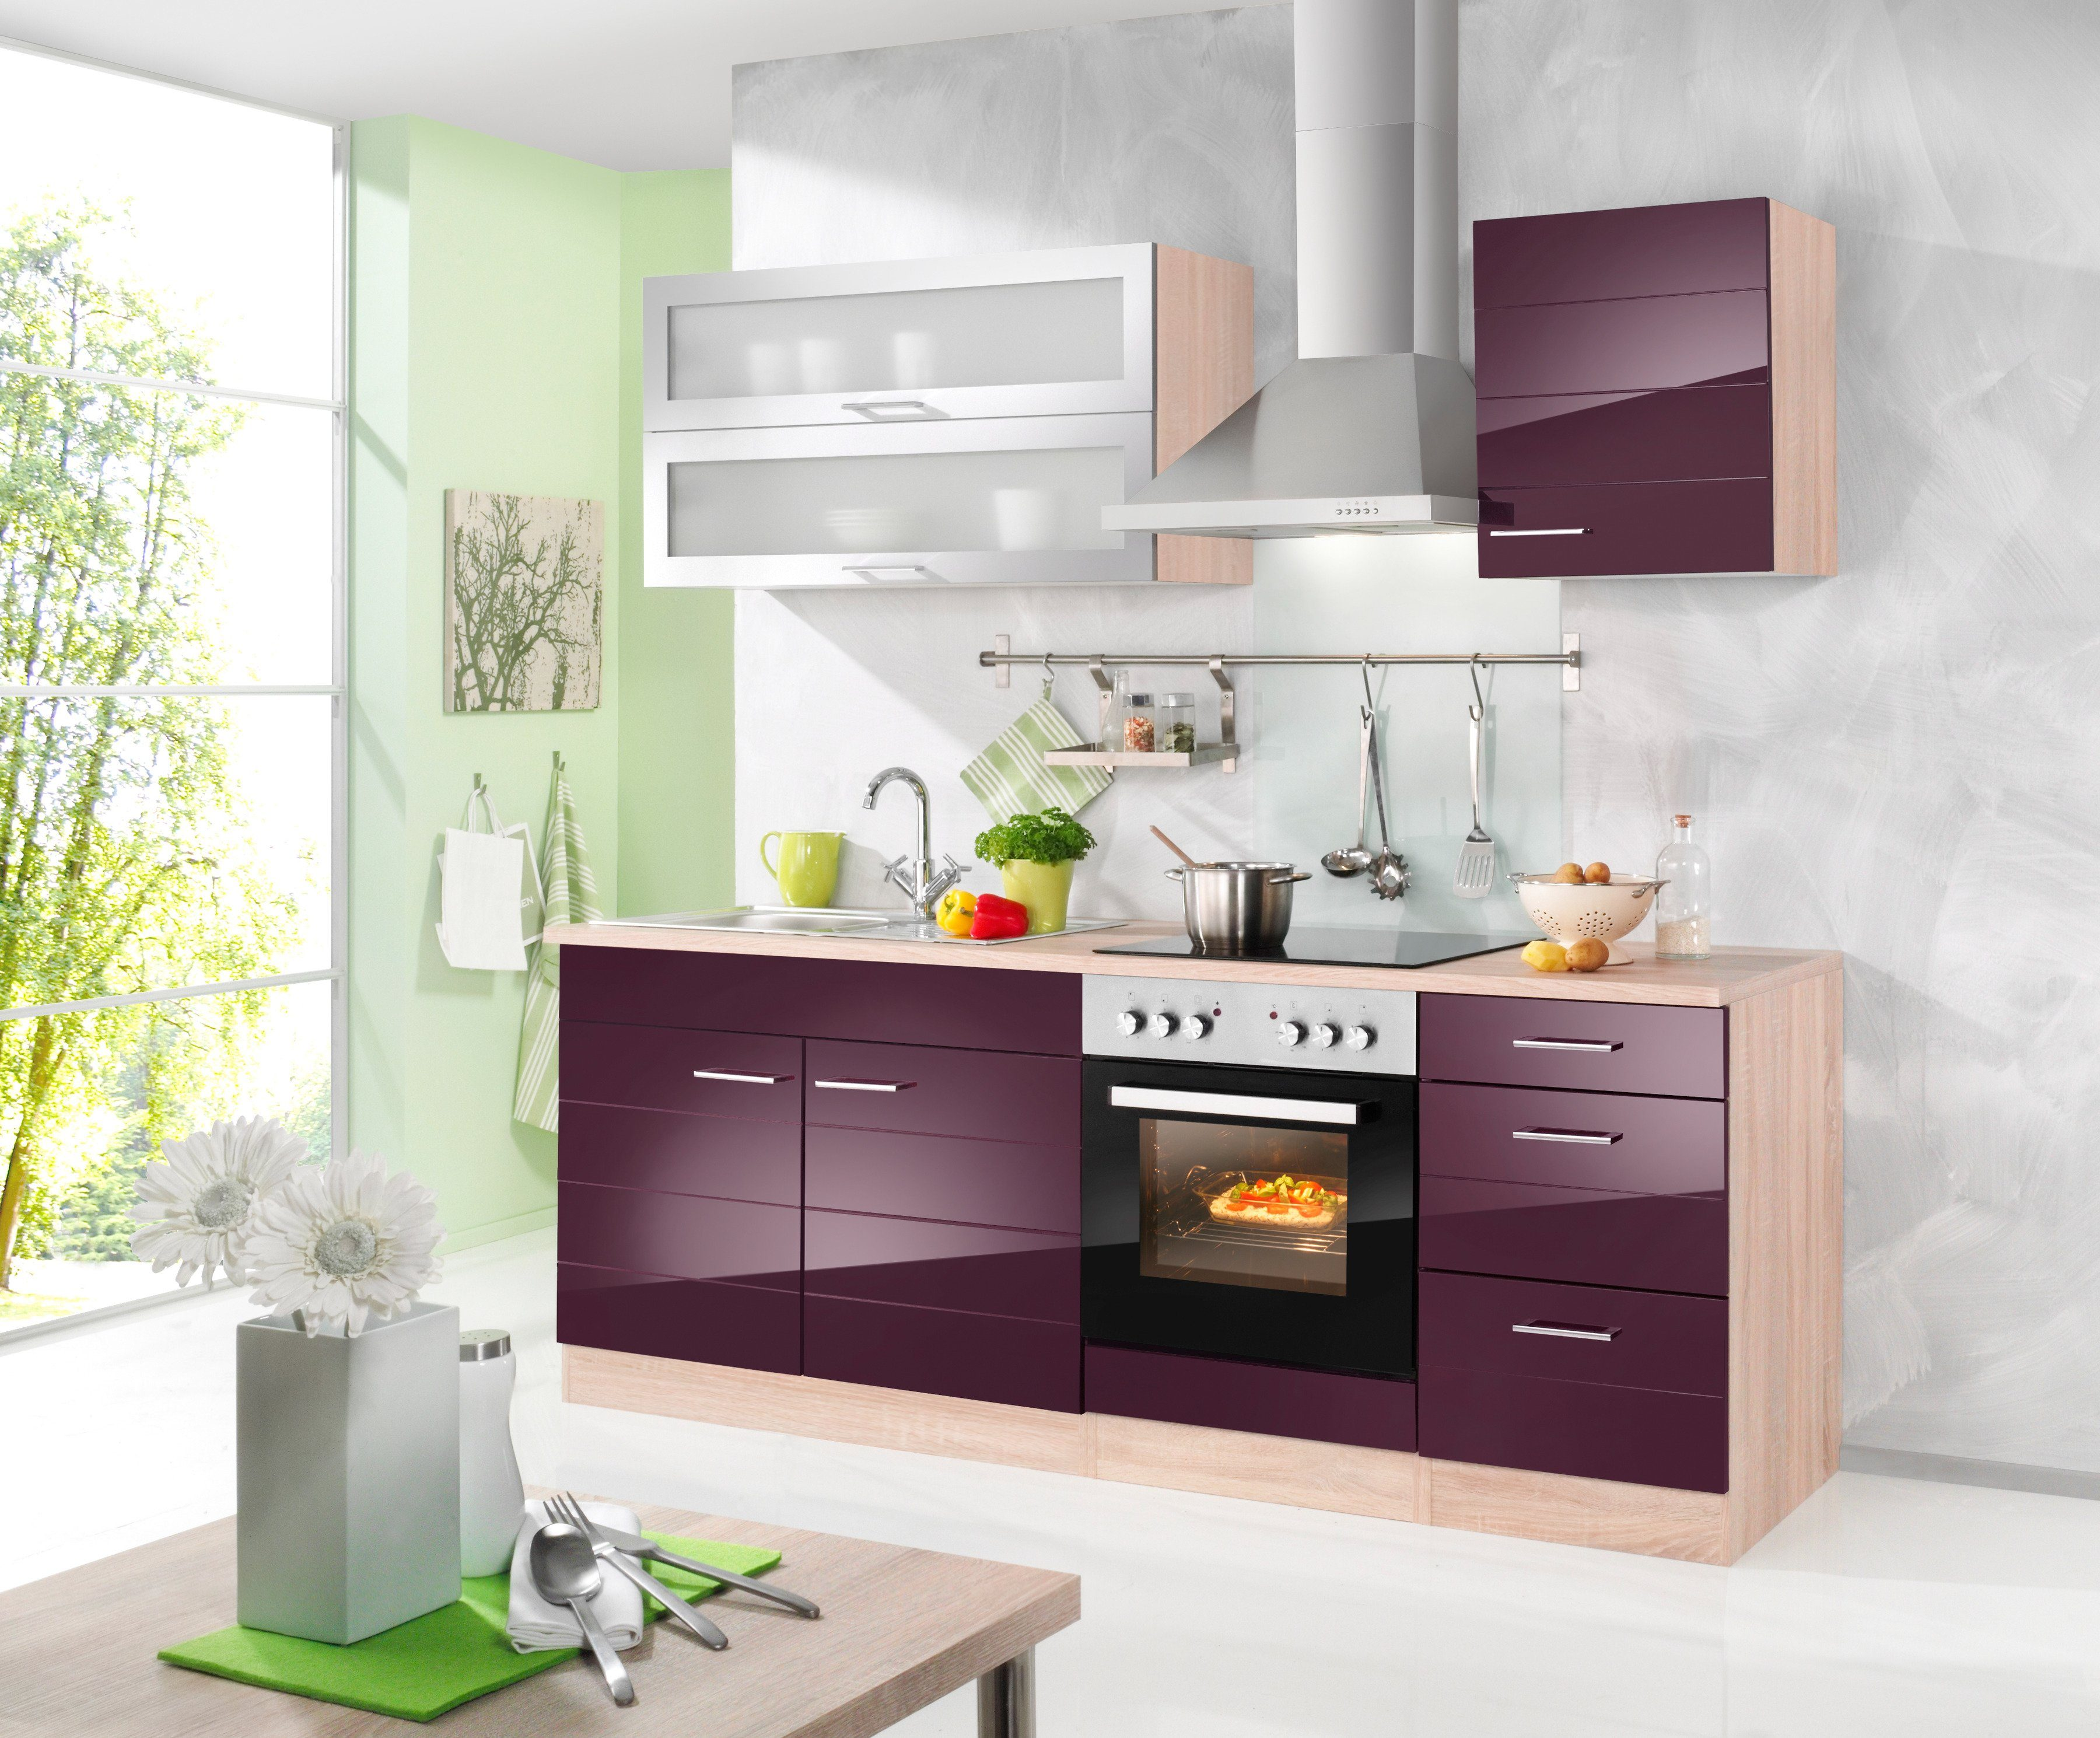 Keukenblok online kopen neem een kijkje in ons assortiment otto